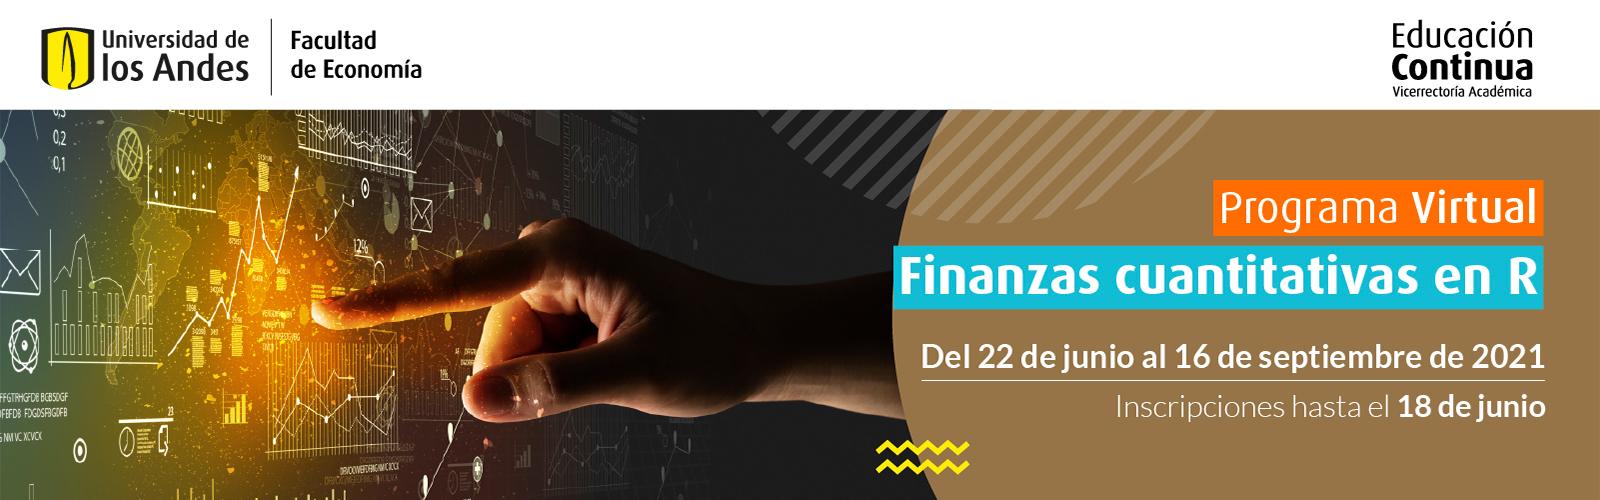 2021-Finanzas-cuantitativas-R.jpg